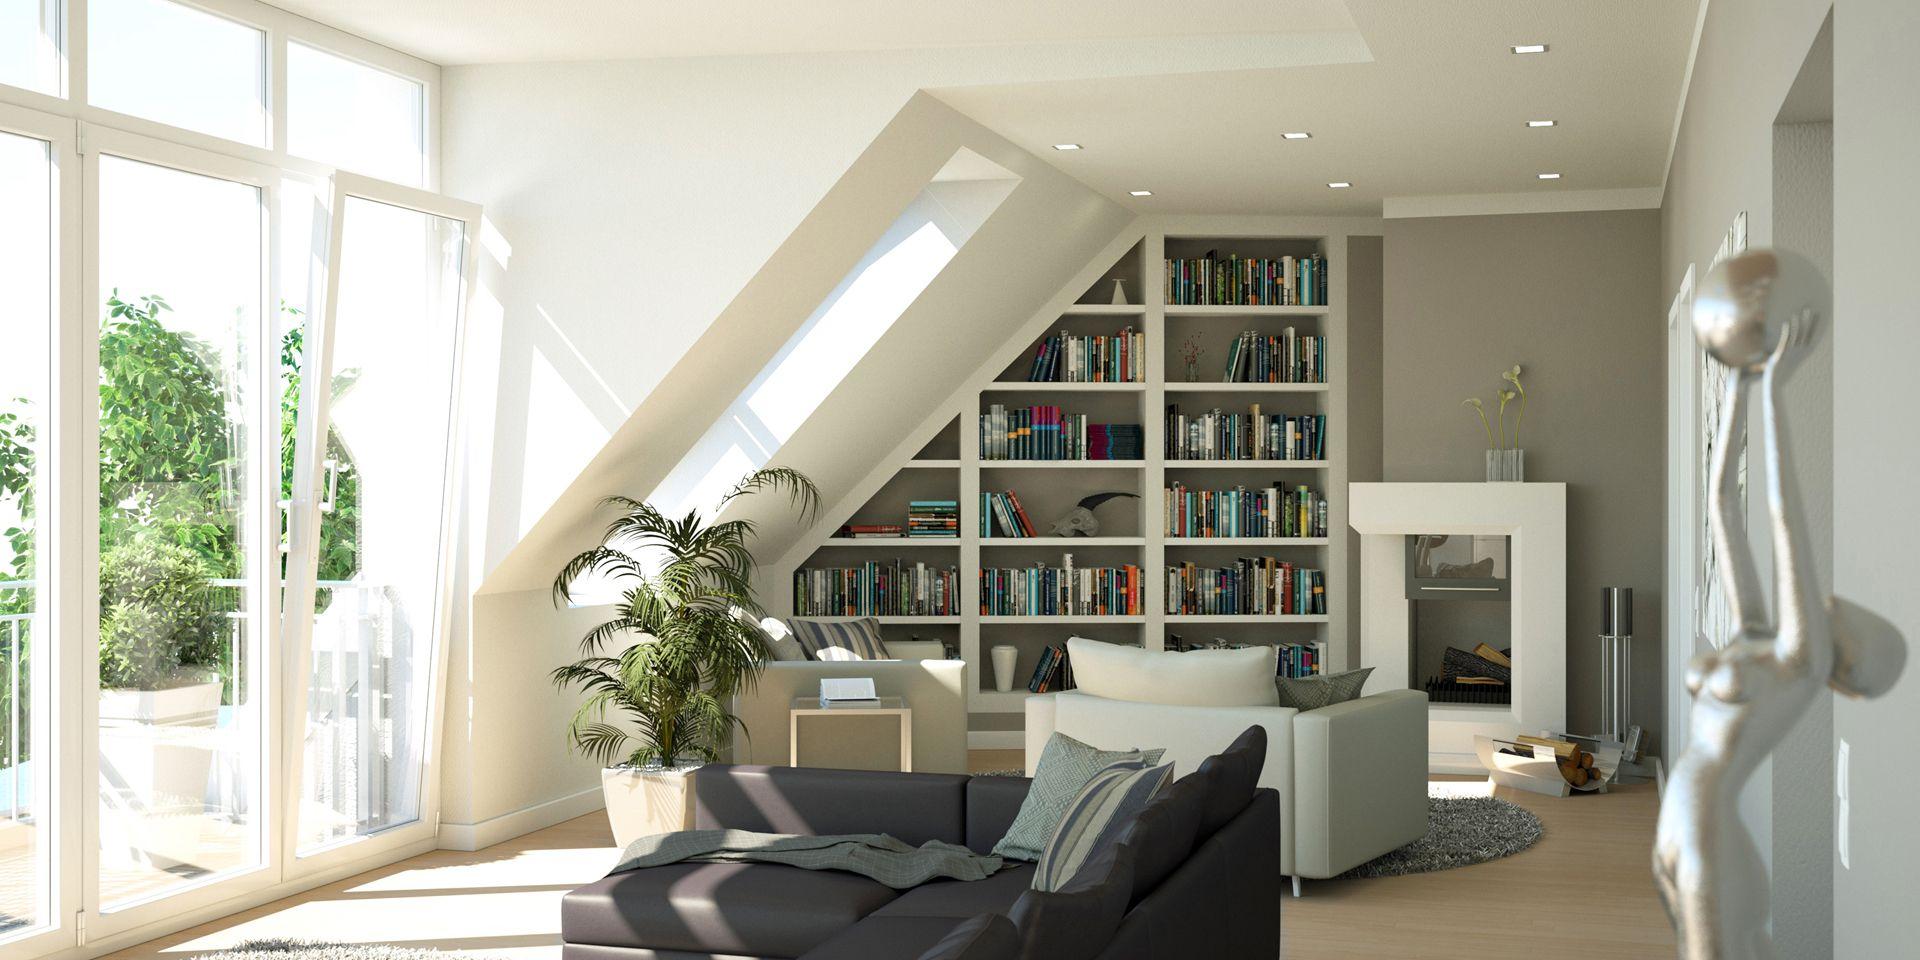 Architekturvisualisierung Altbausanierung Wohnzimmer Berlin